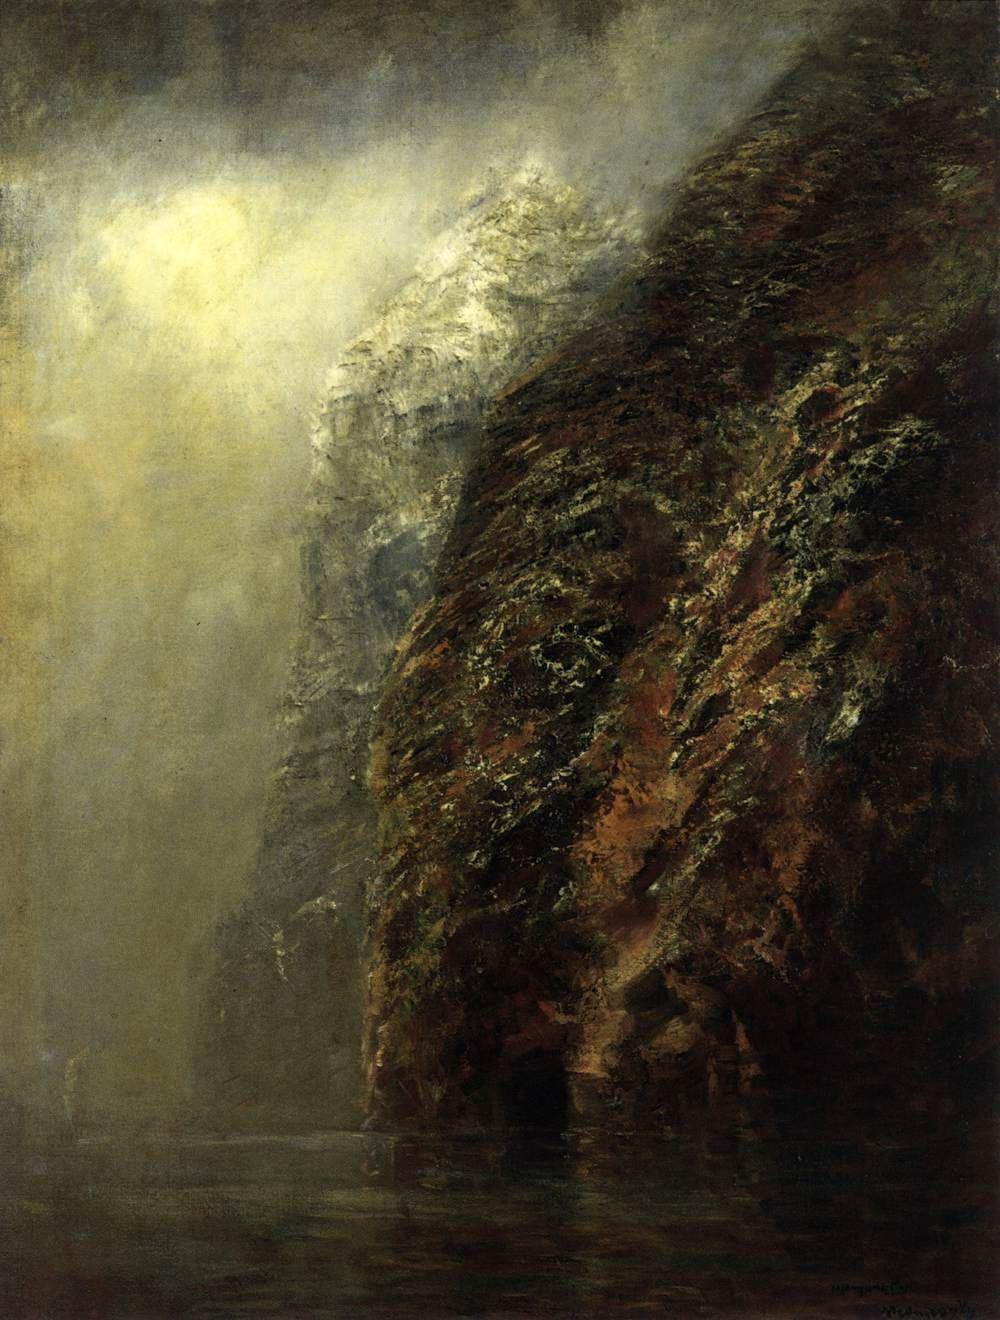 """László Mednyánszky - """"View of Dunajec"""" 1890-95, Oil on canvas, 98 x 73 cm, Magyar Nemzeti Galéria, Budapest"""